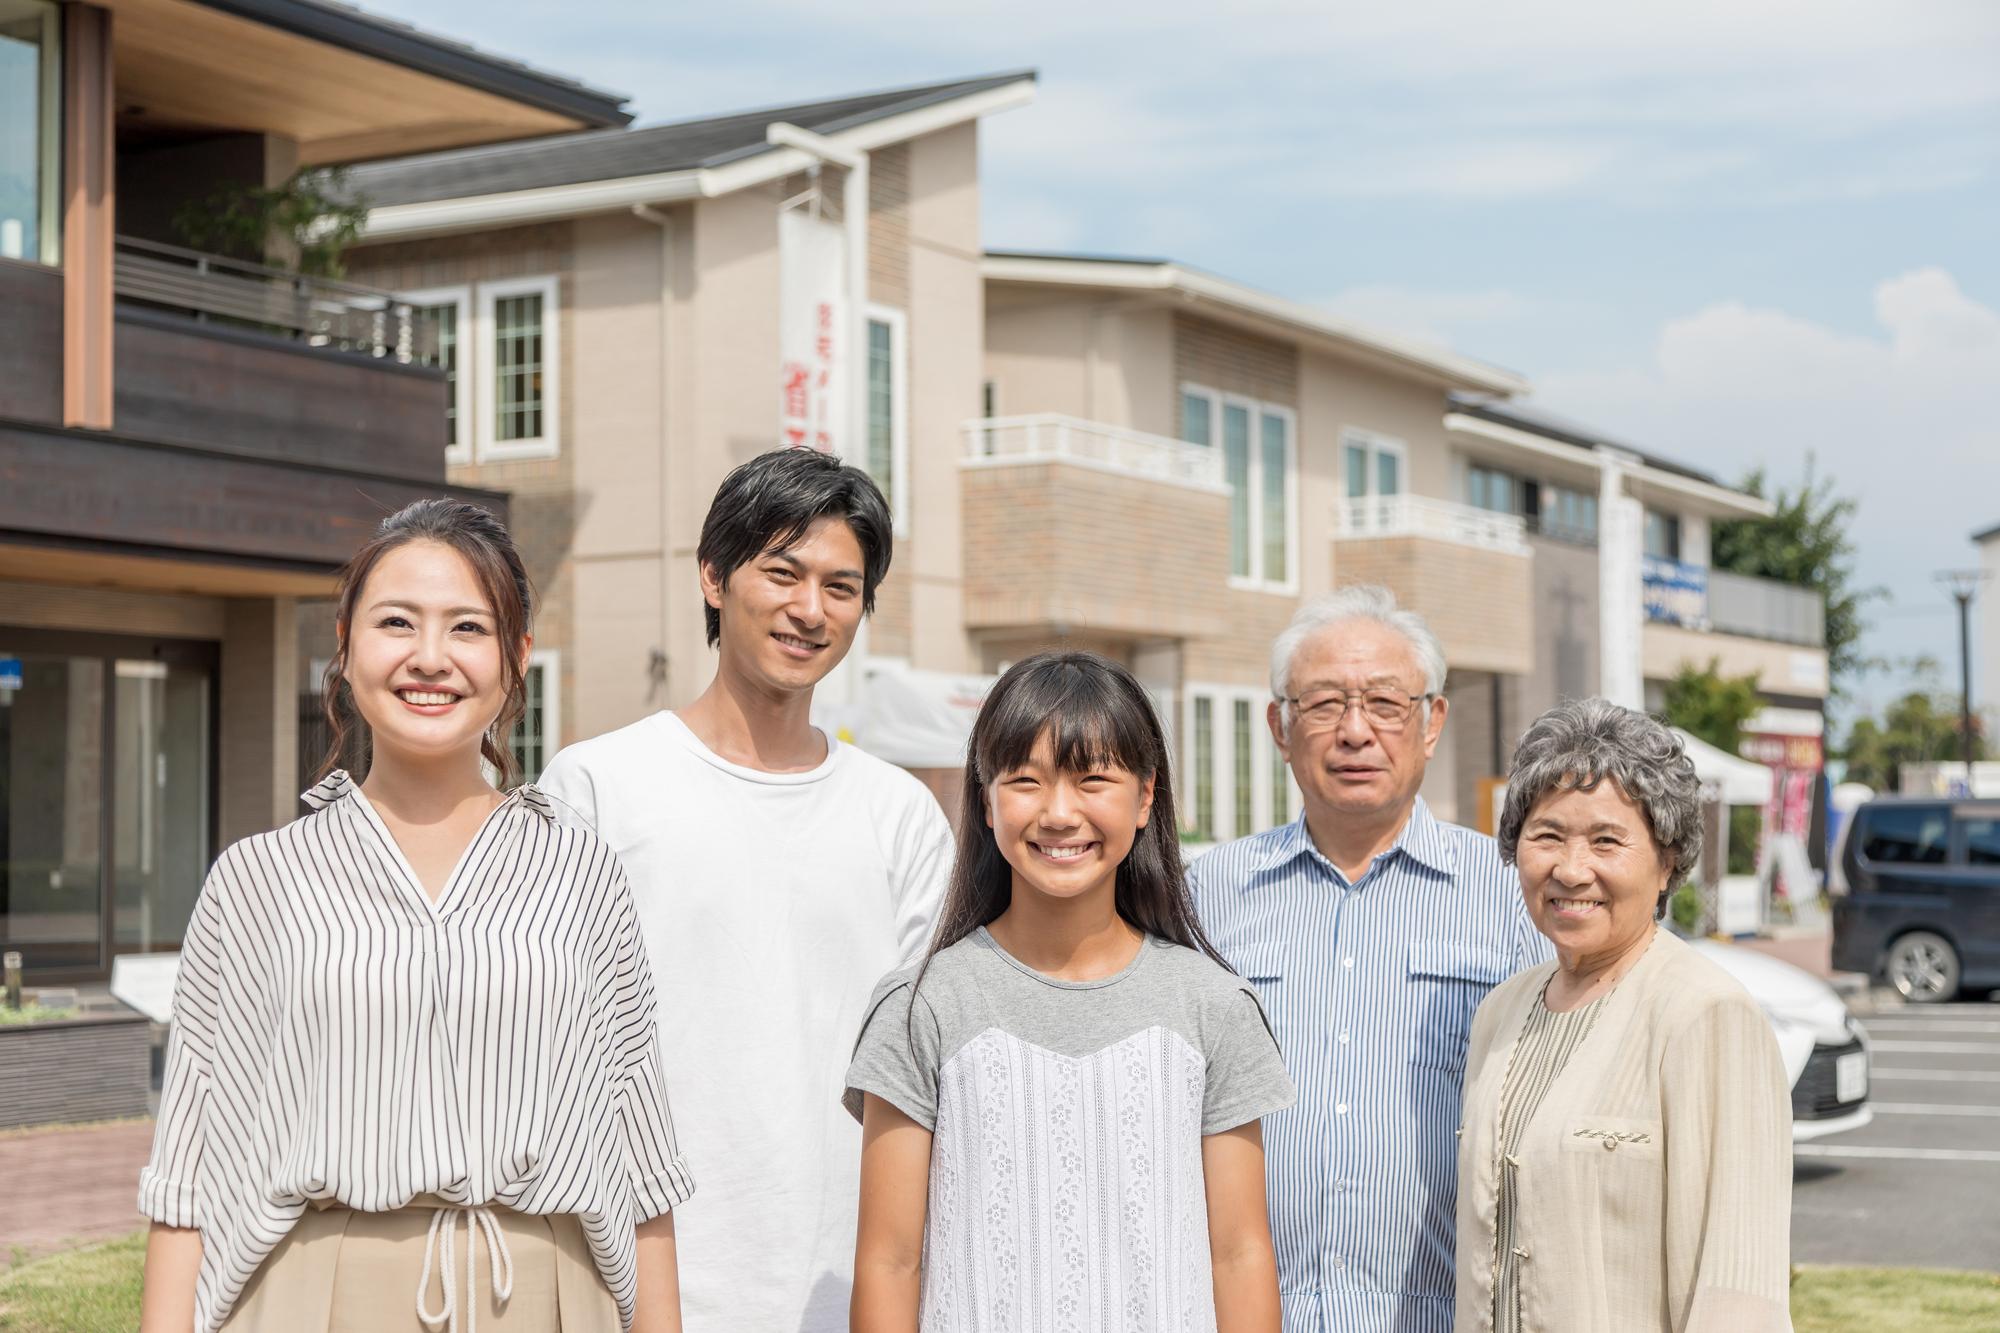 どうしてなの?両親に家の購入を口出しされる理由と対処法まとめ